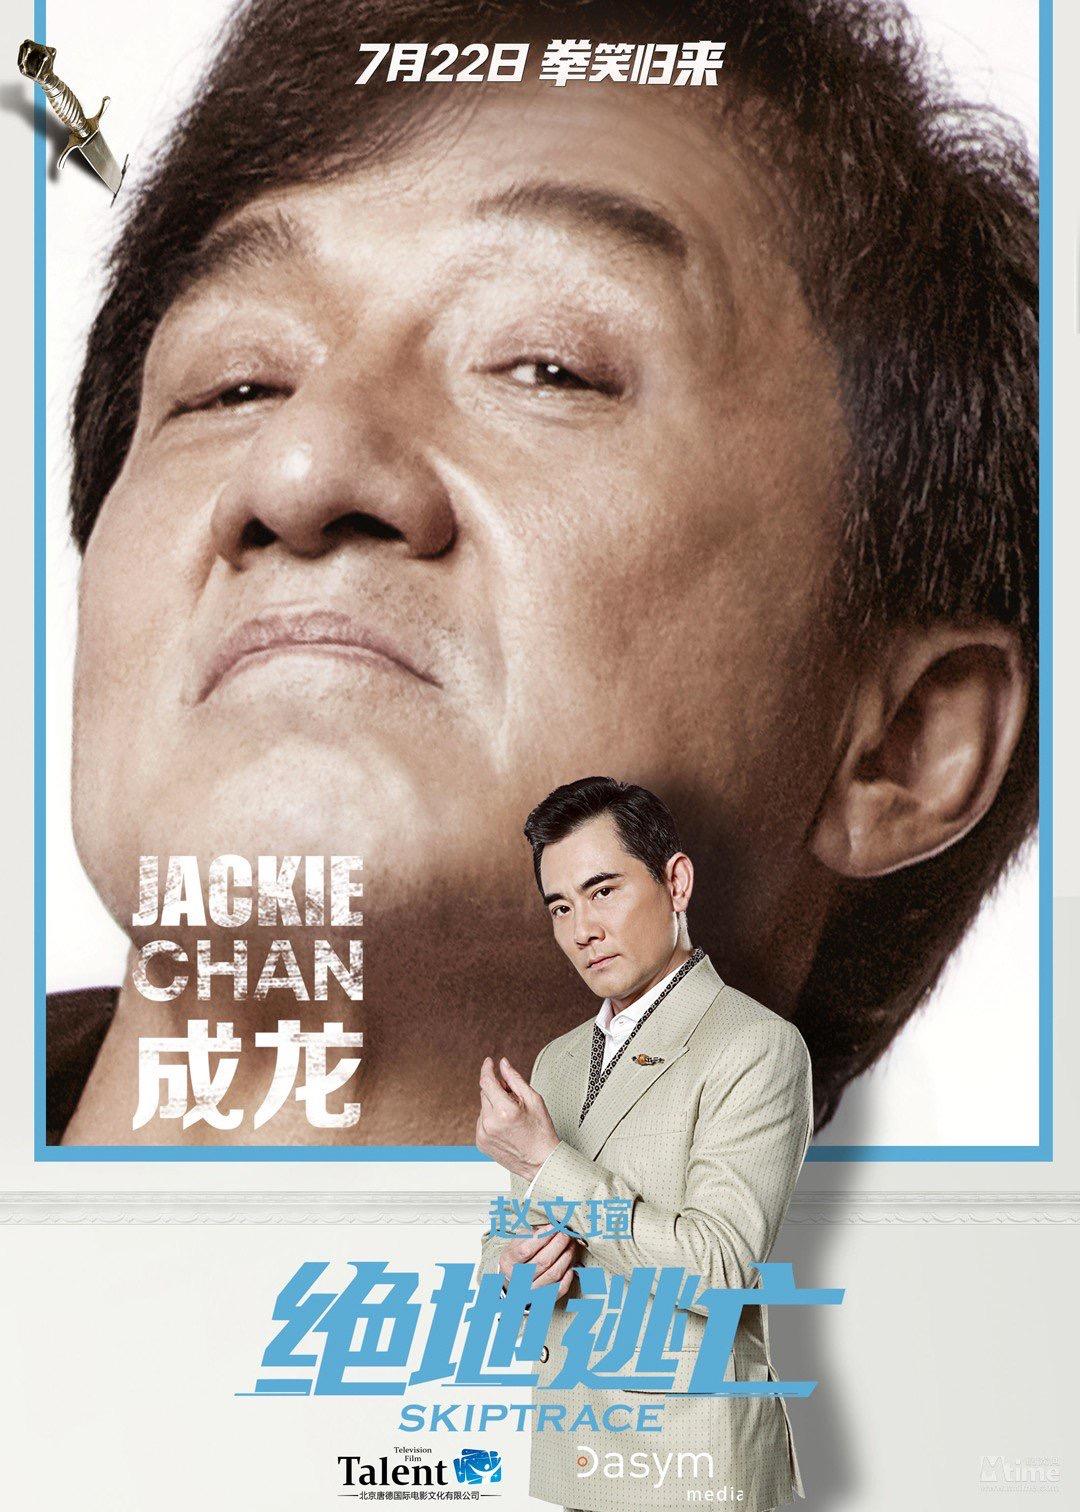 Трейлеры и промо-материалы к грядущим фильмам Джеки Чана 4